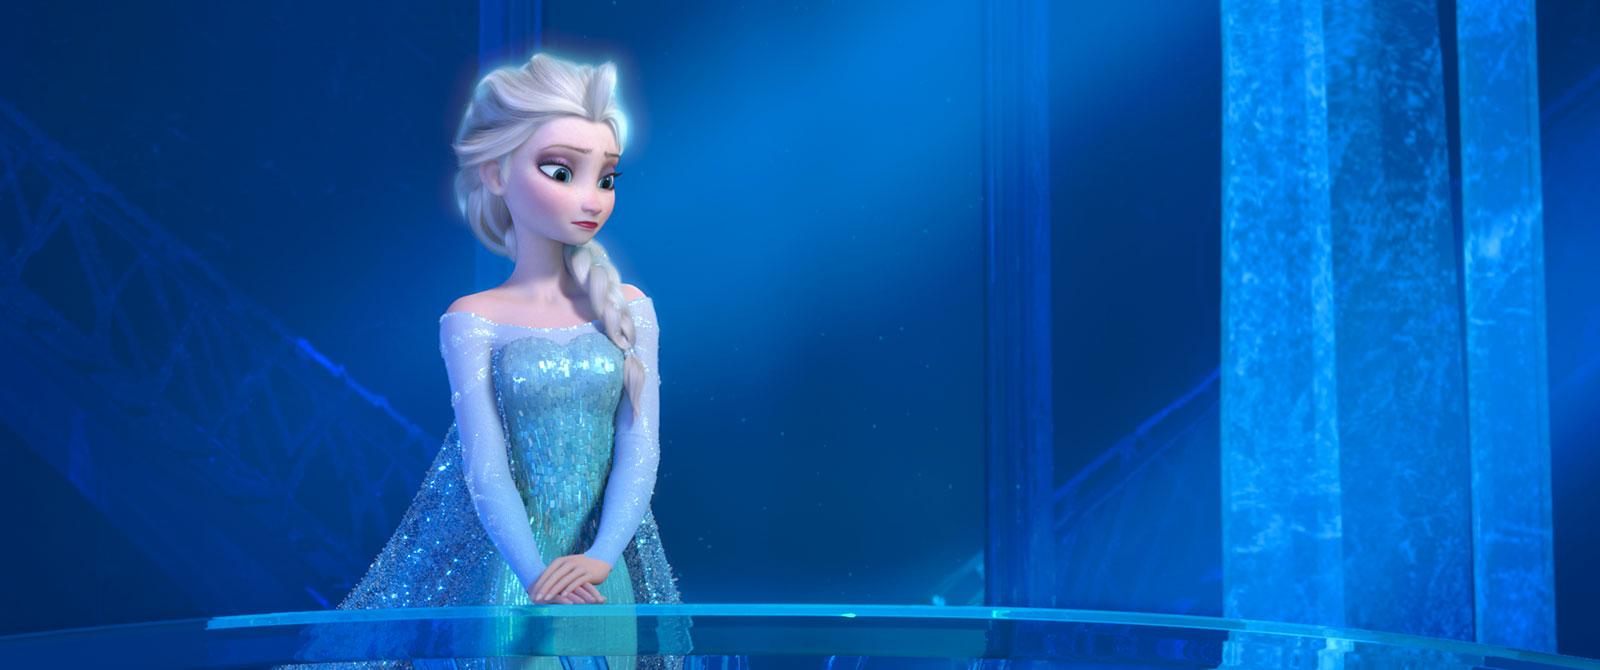 Imagens Frozen Uma Aventura Congelante Stunning frozen - uma aventura congelante: críticas adorocinema